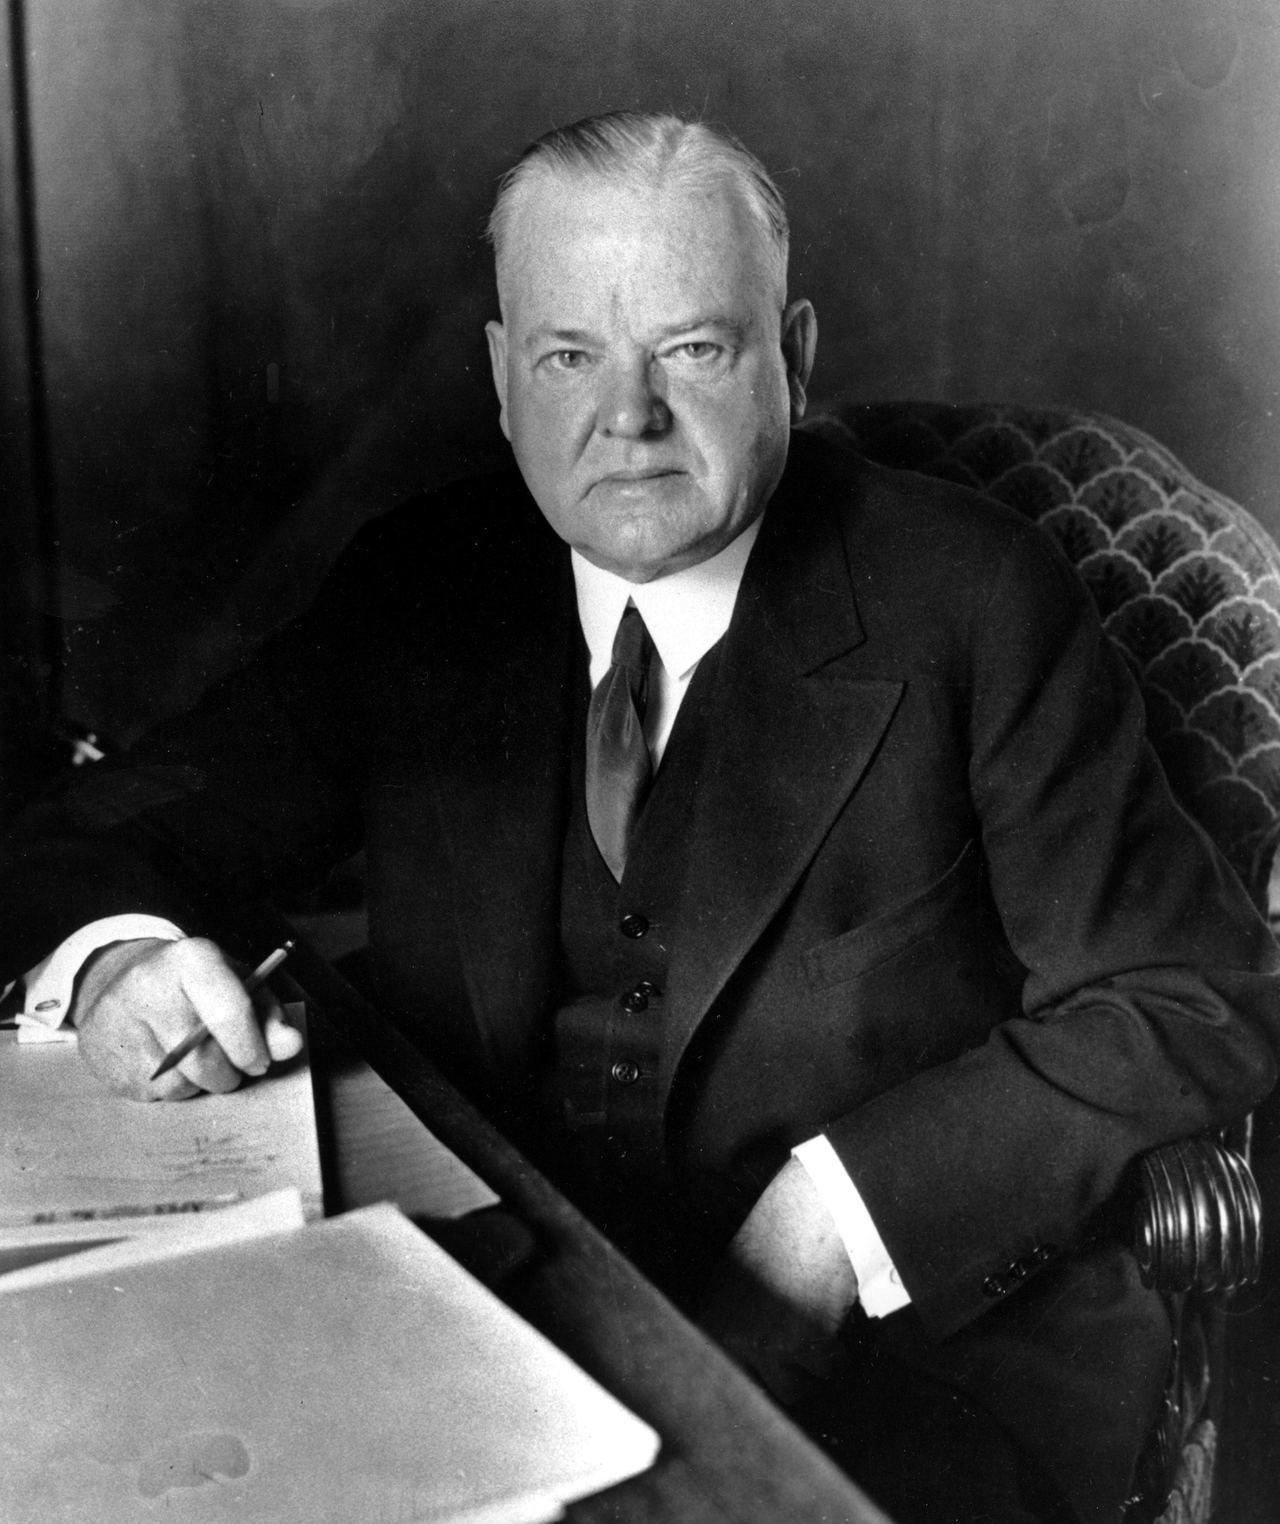 美國前總統福佛在1930年發動的貿易戰,規模大於川普的美中貿易戰。美聯社